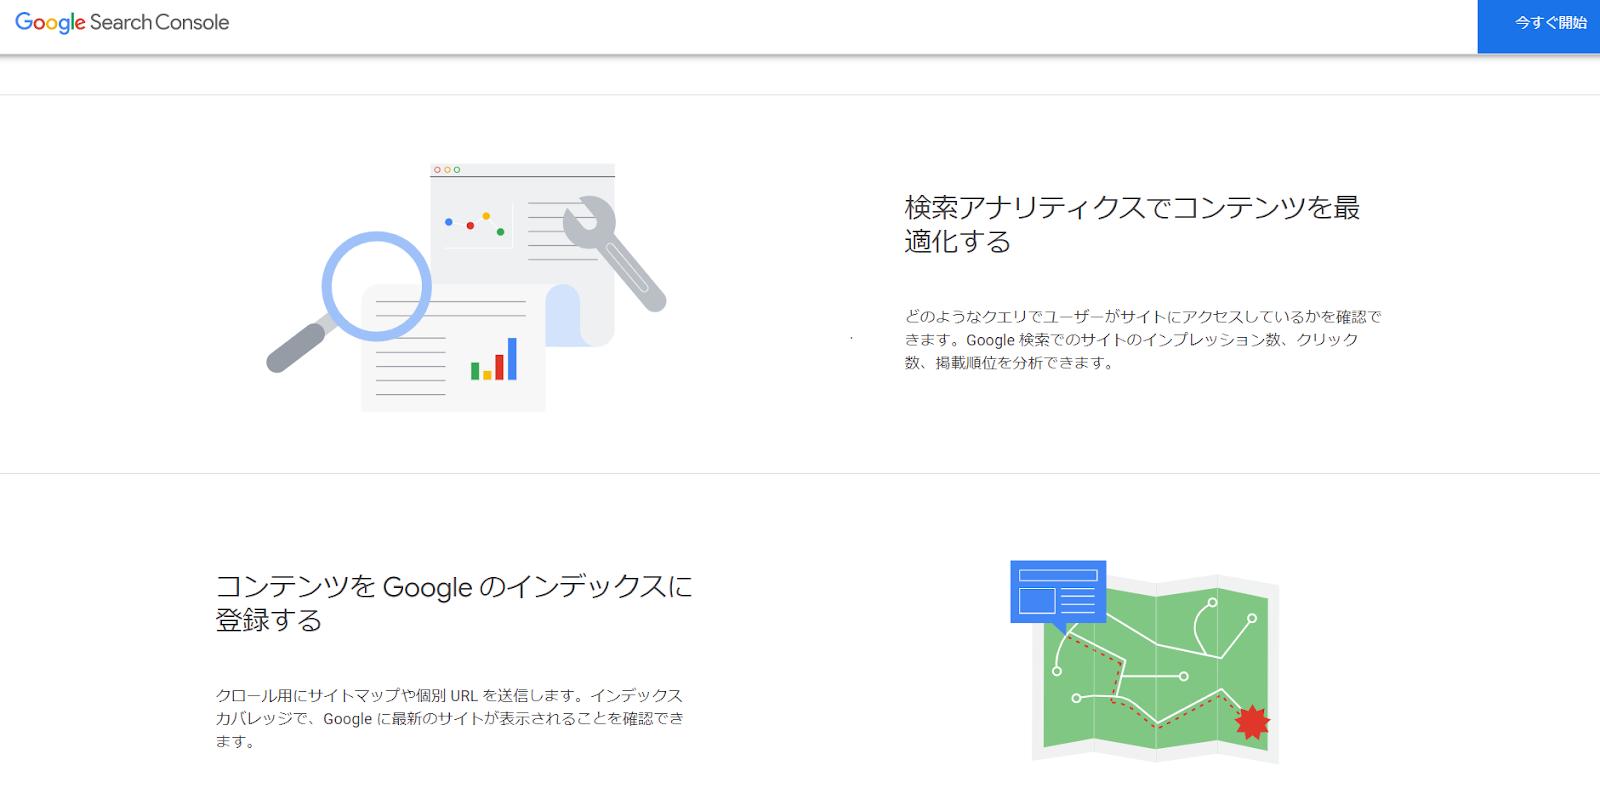 Googleサーチコンソールとは